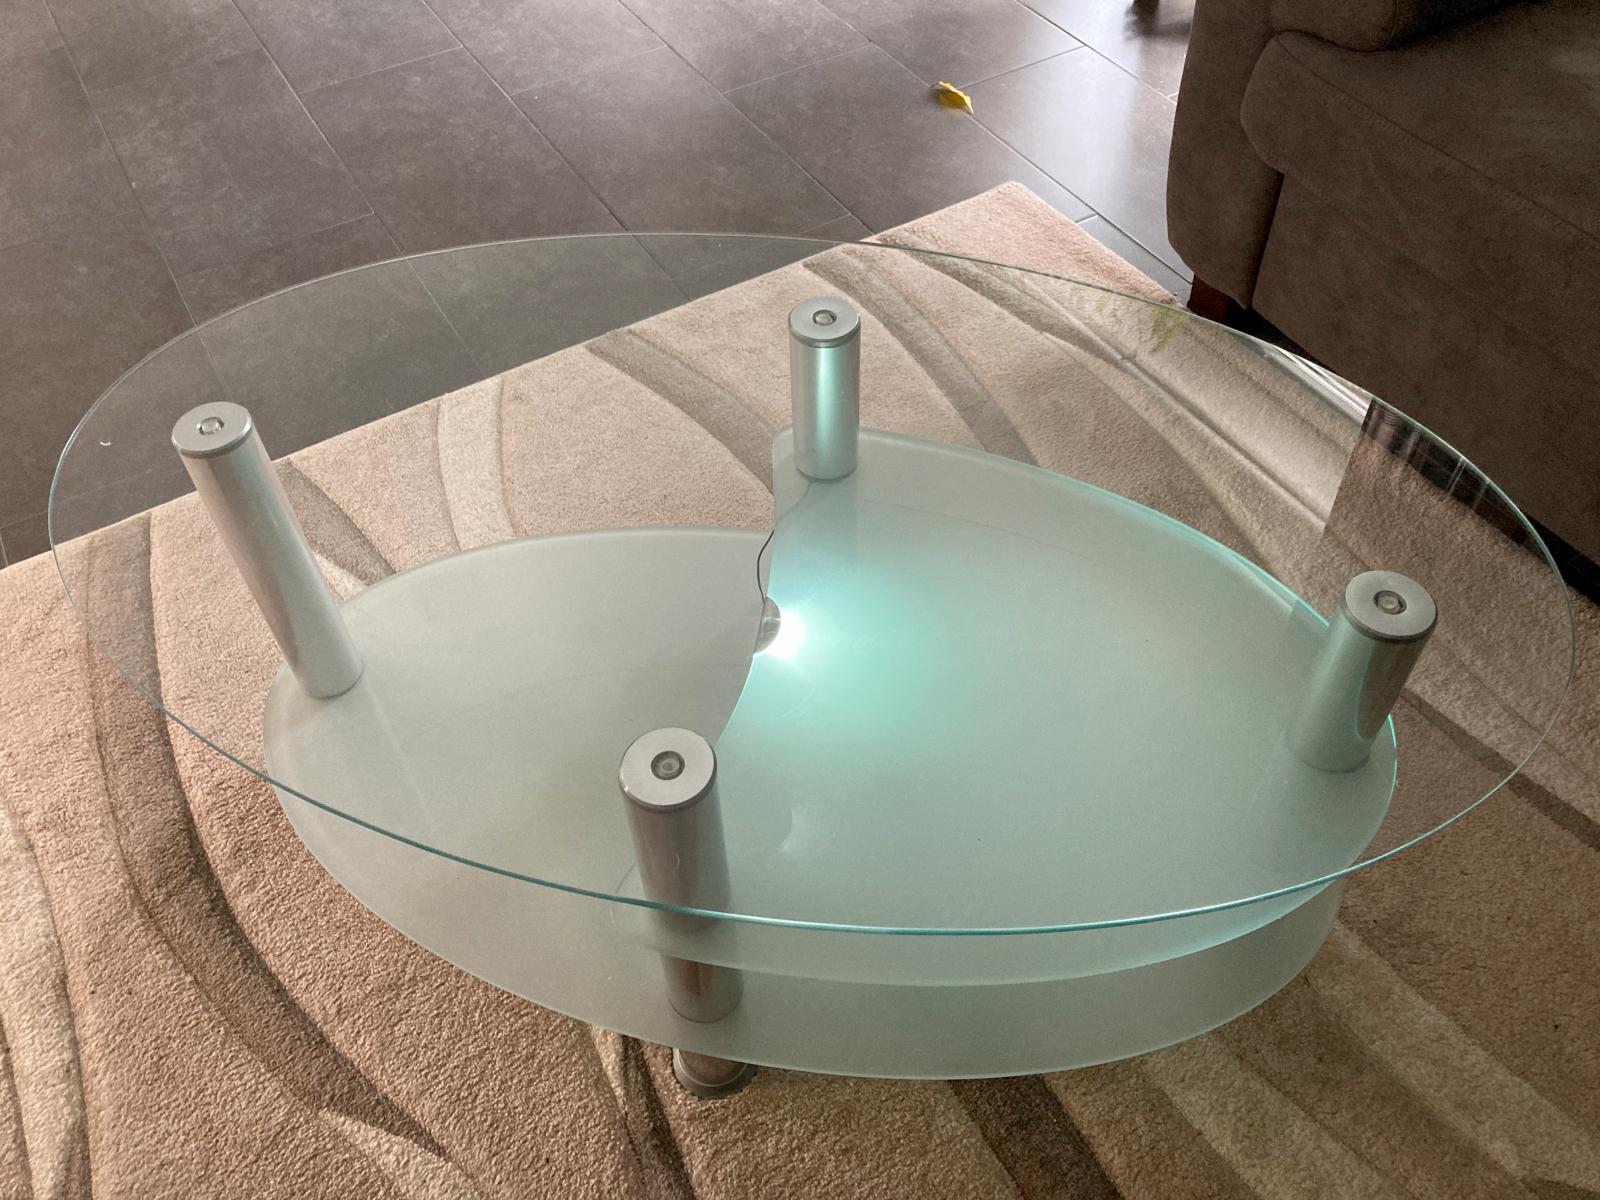 Der Tisch vorher mit dürftiger Beleuchtung